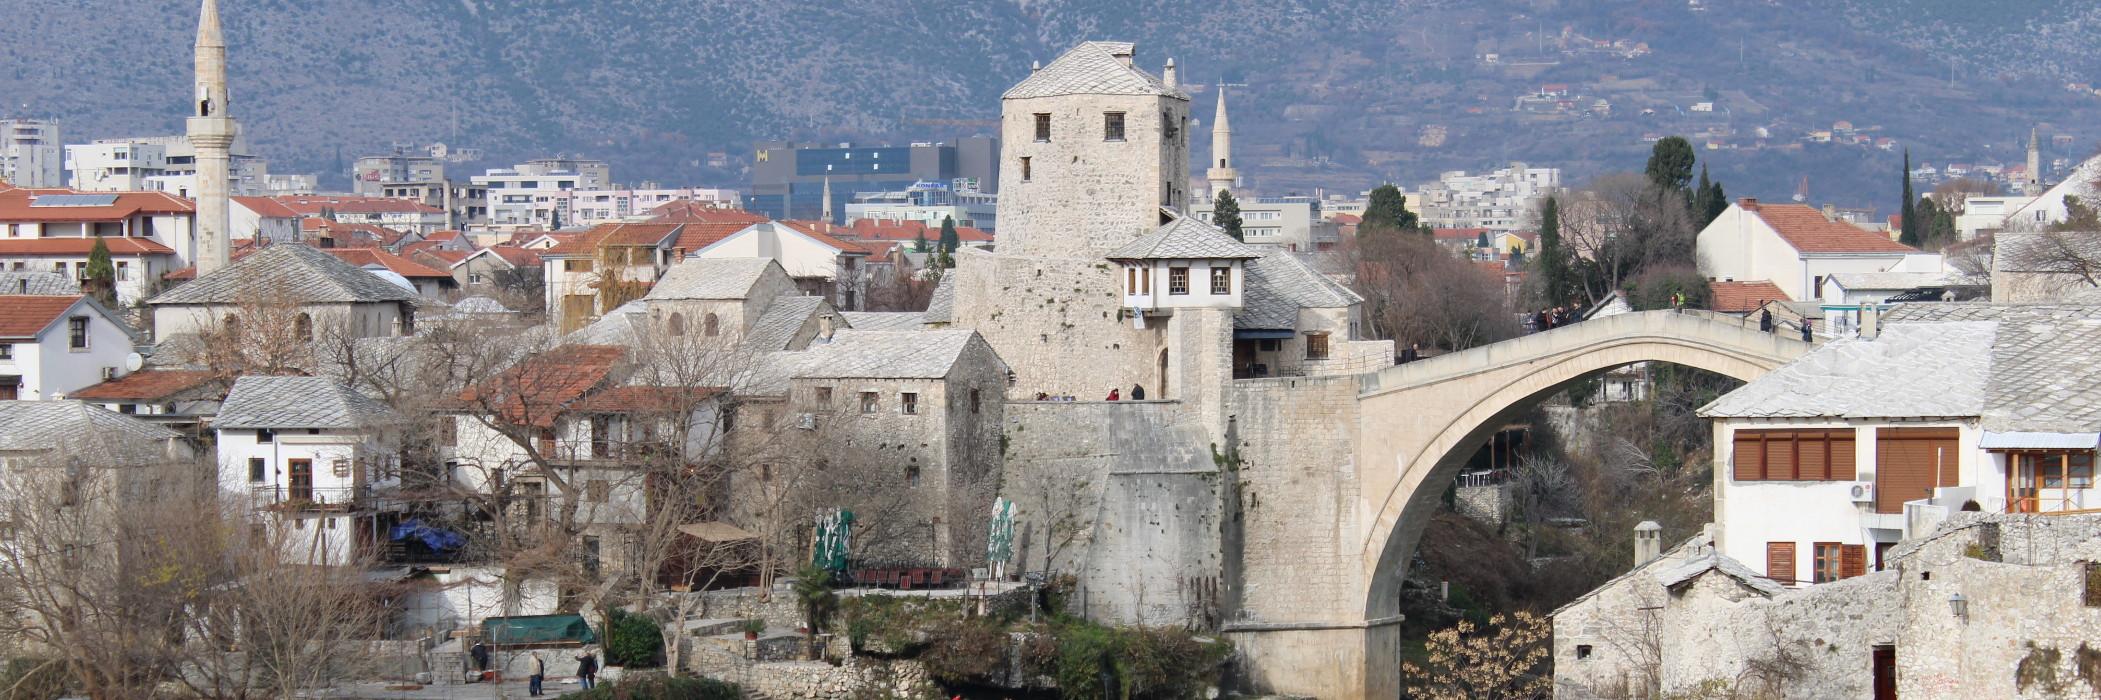 Лучшие ракурсы Старого моста